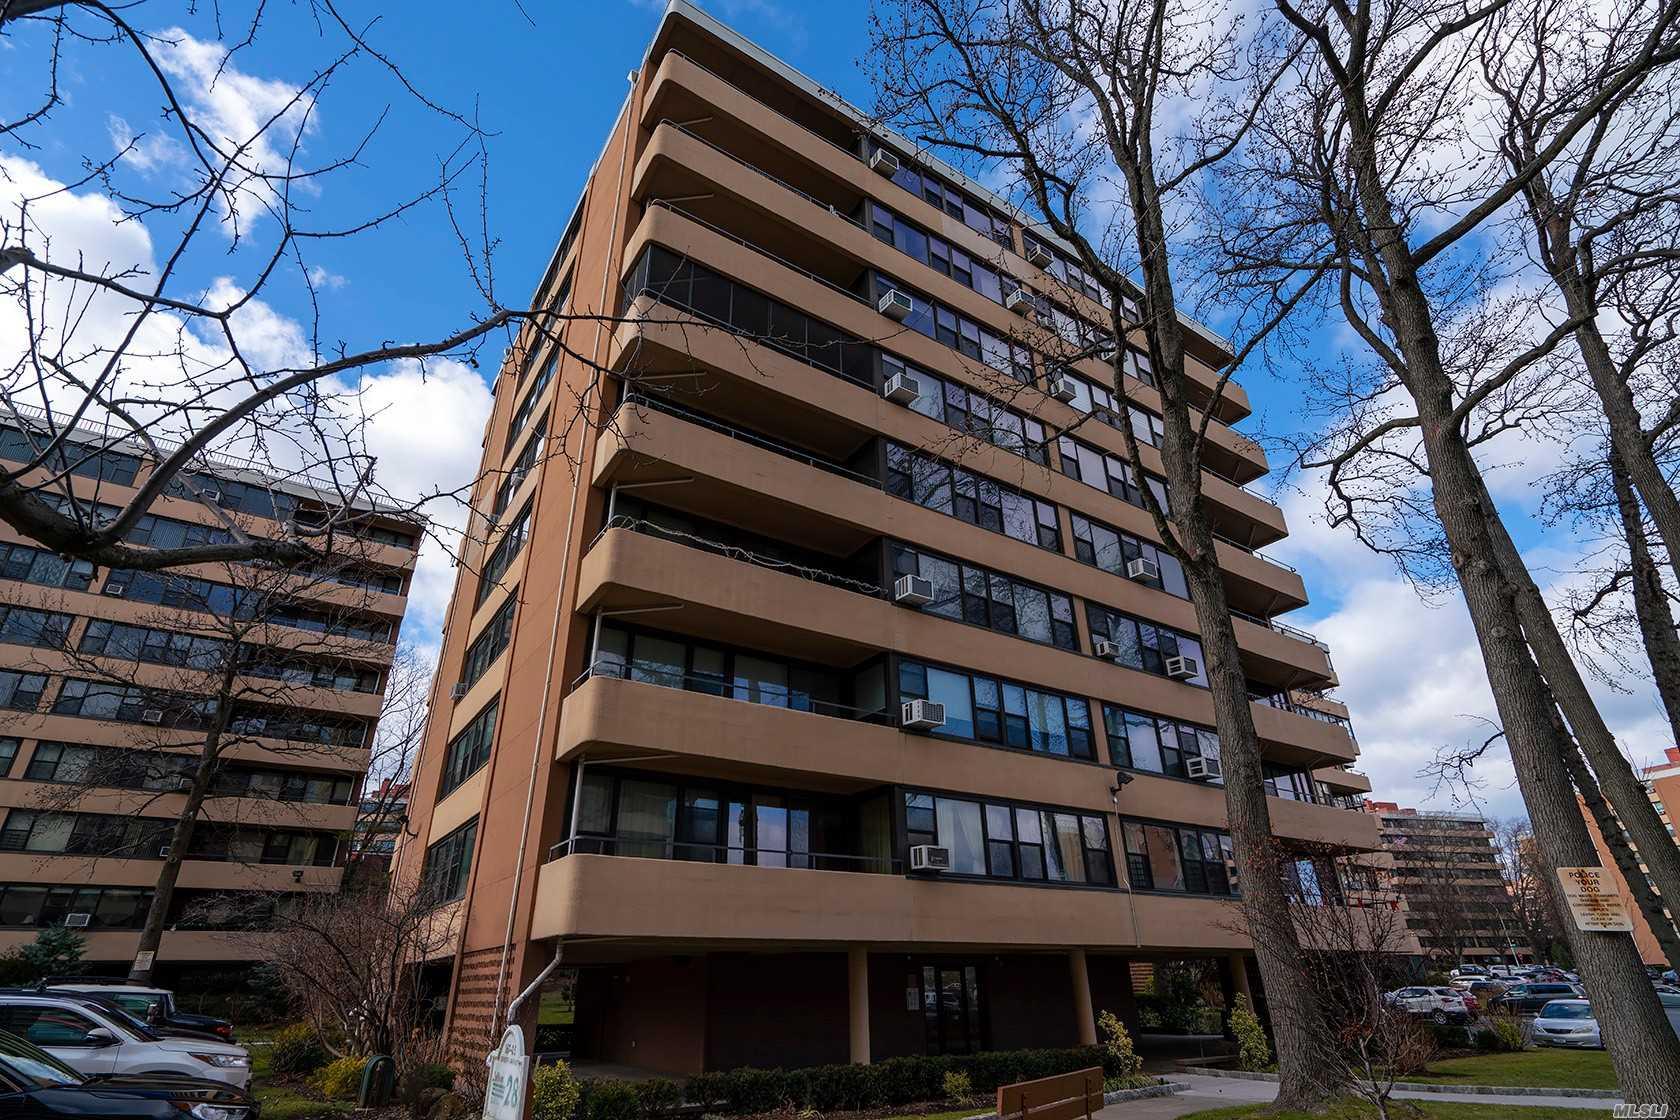 167-05 12th Ave, 7D - Beechhurst, New York